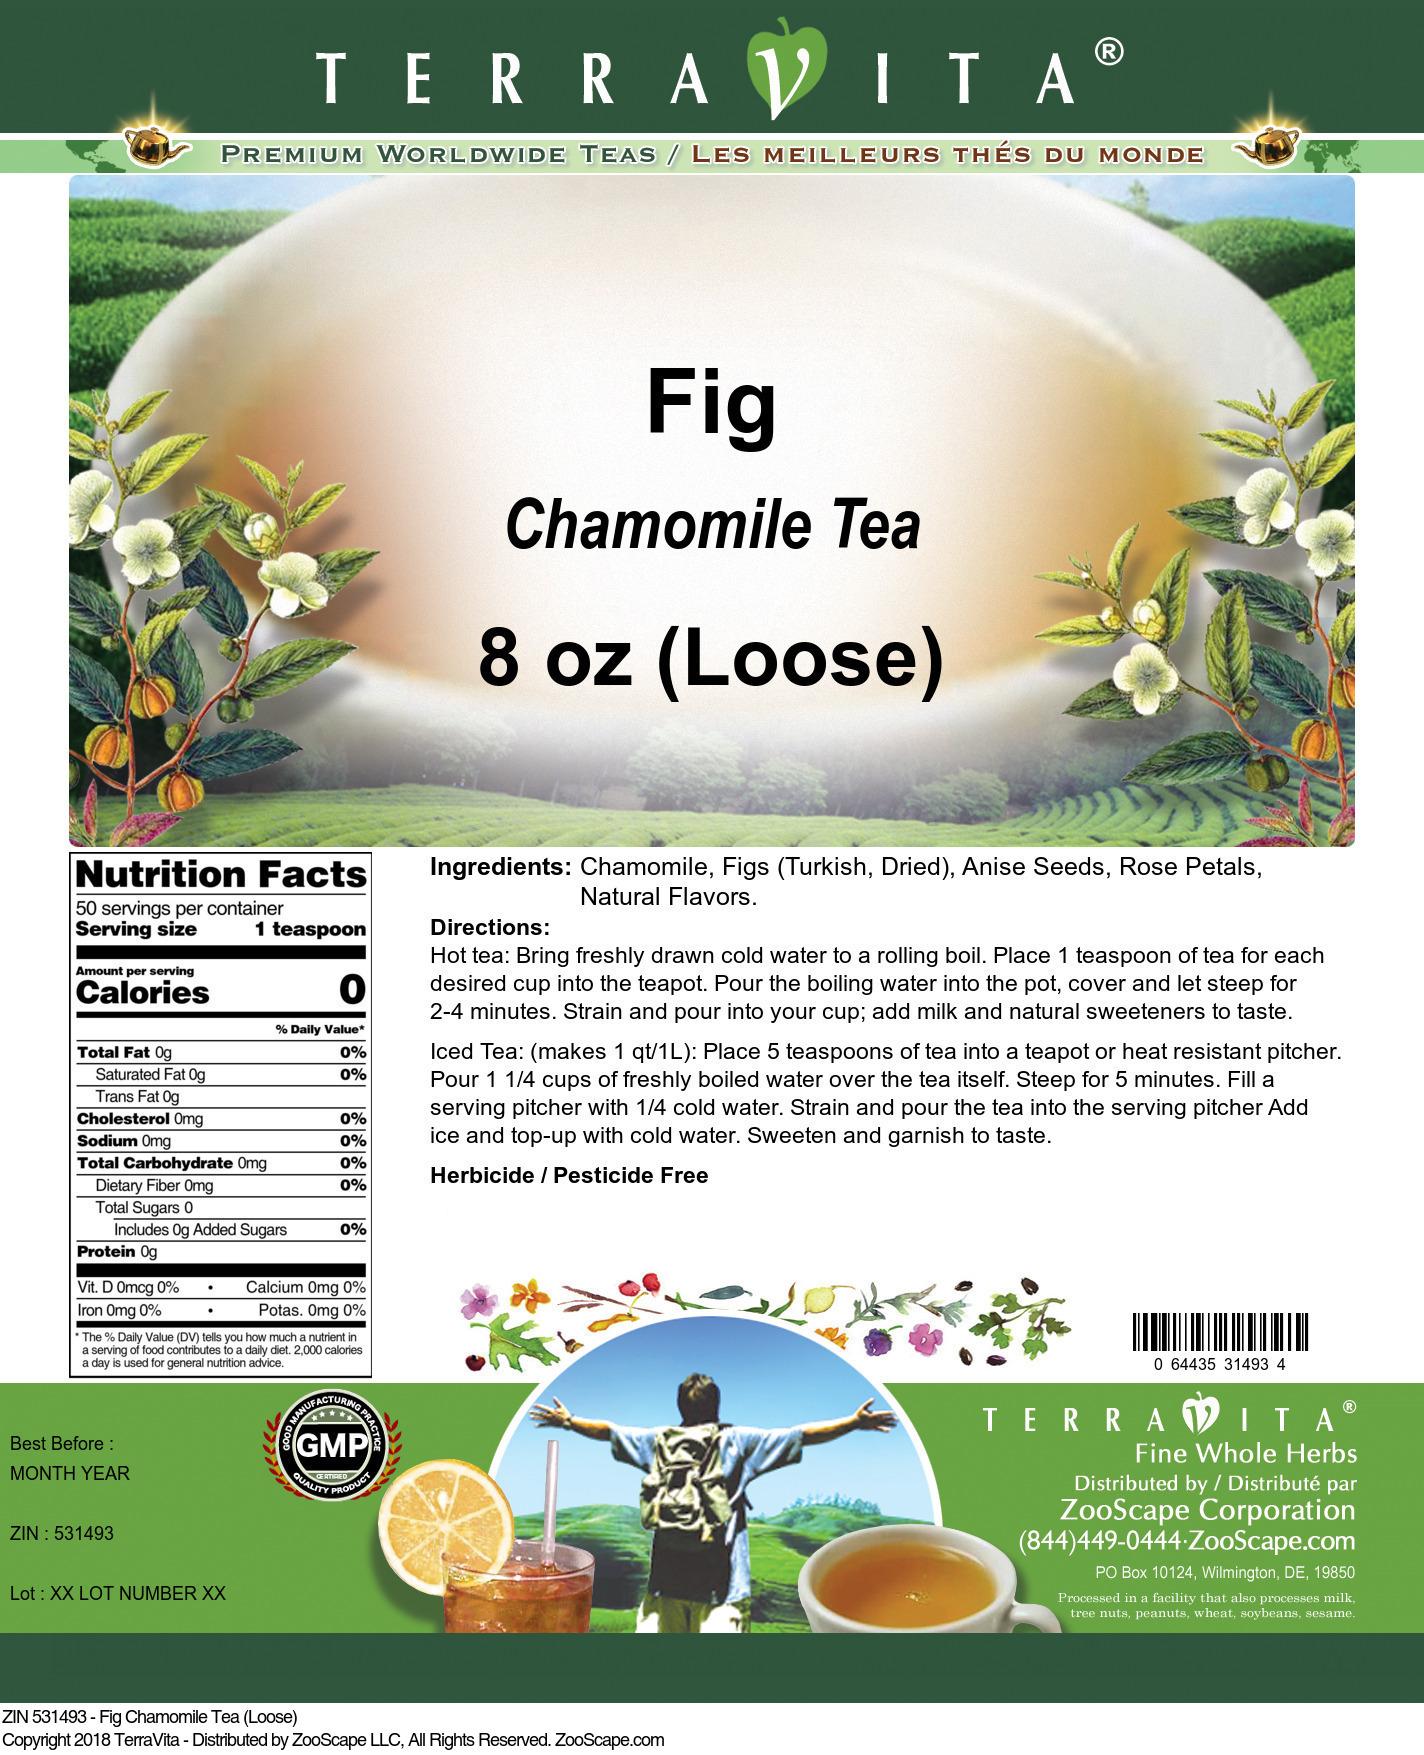 Fig Chamomile Tea (Loose)